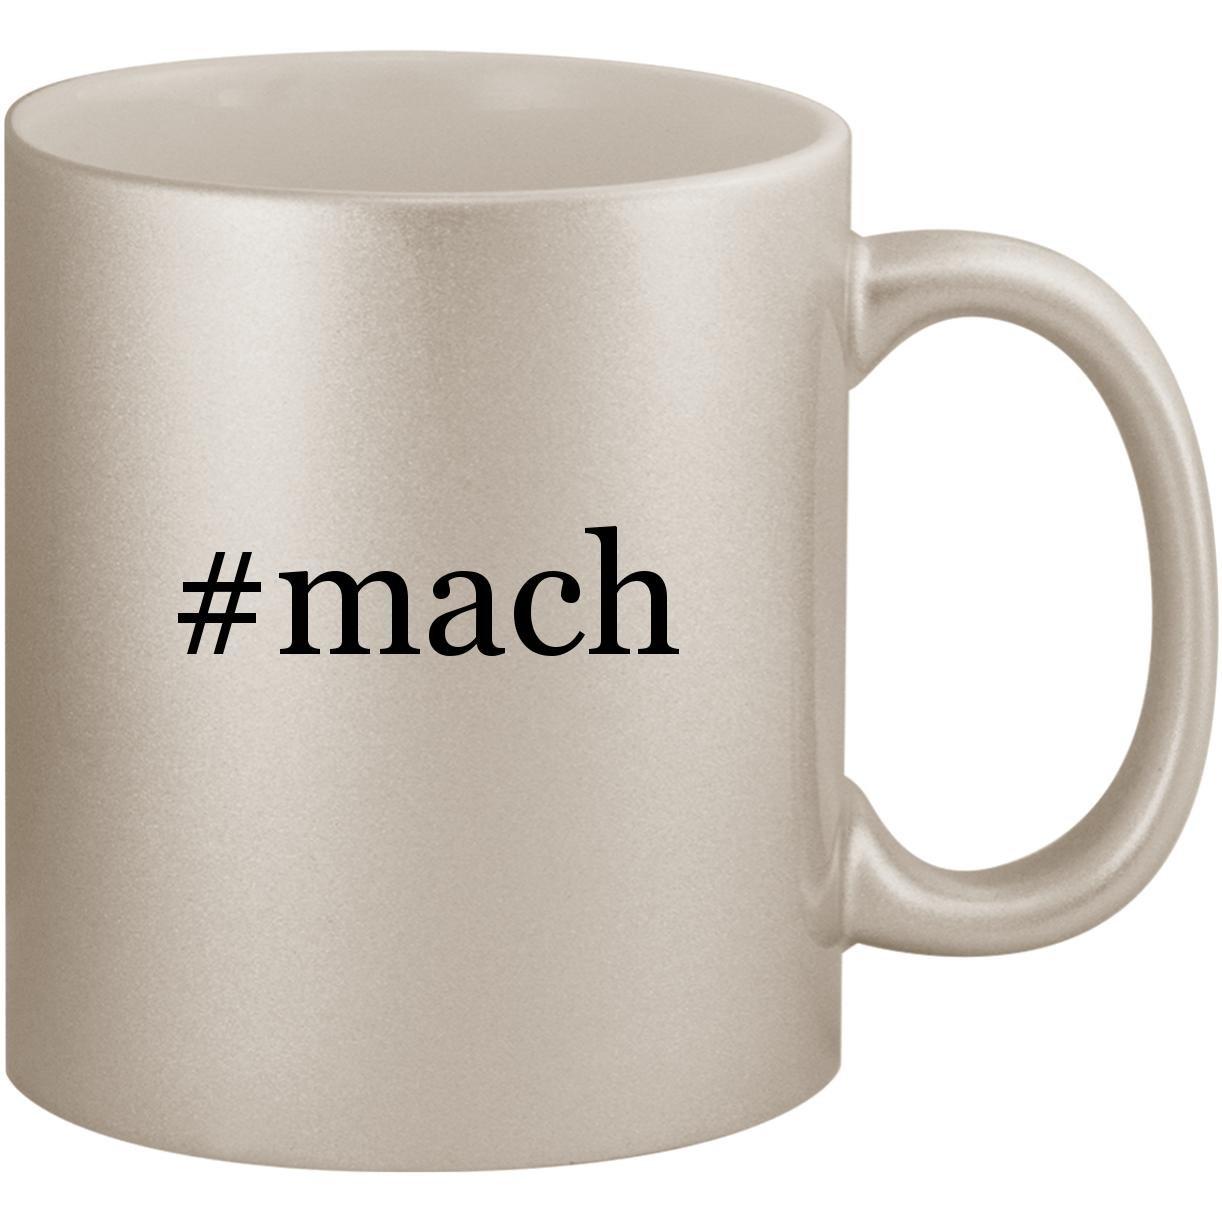 #mach - 11oz Ceramic Coffee Mug Cup, Silver